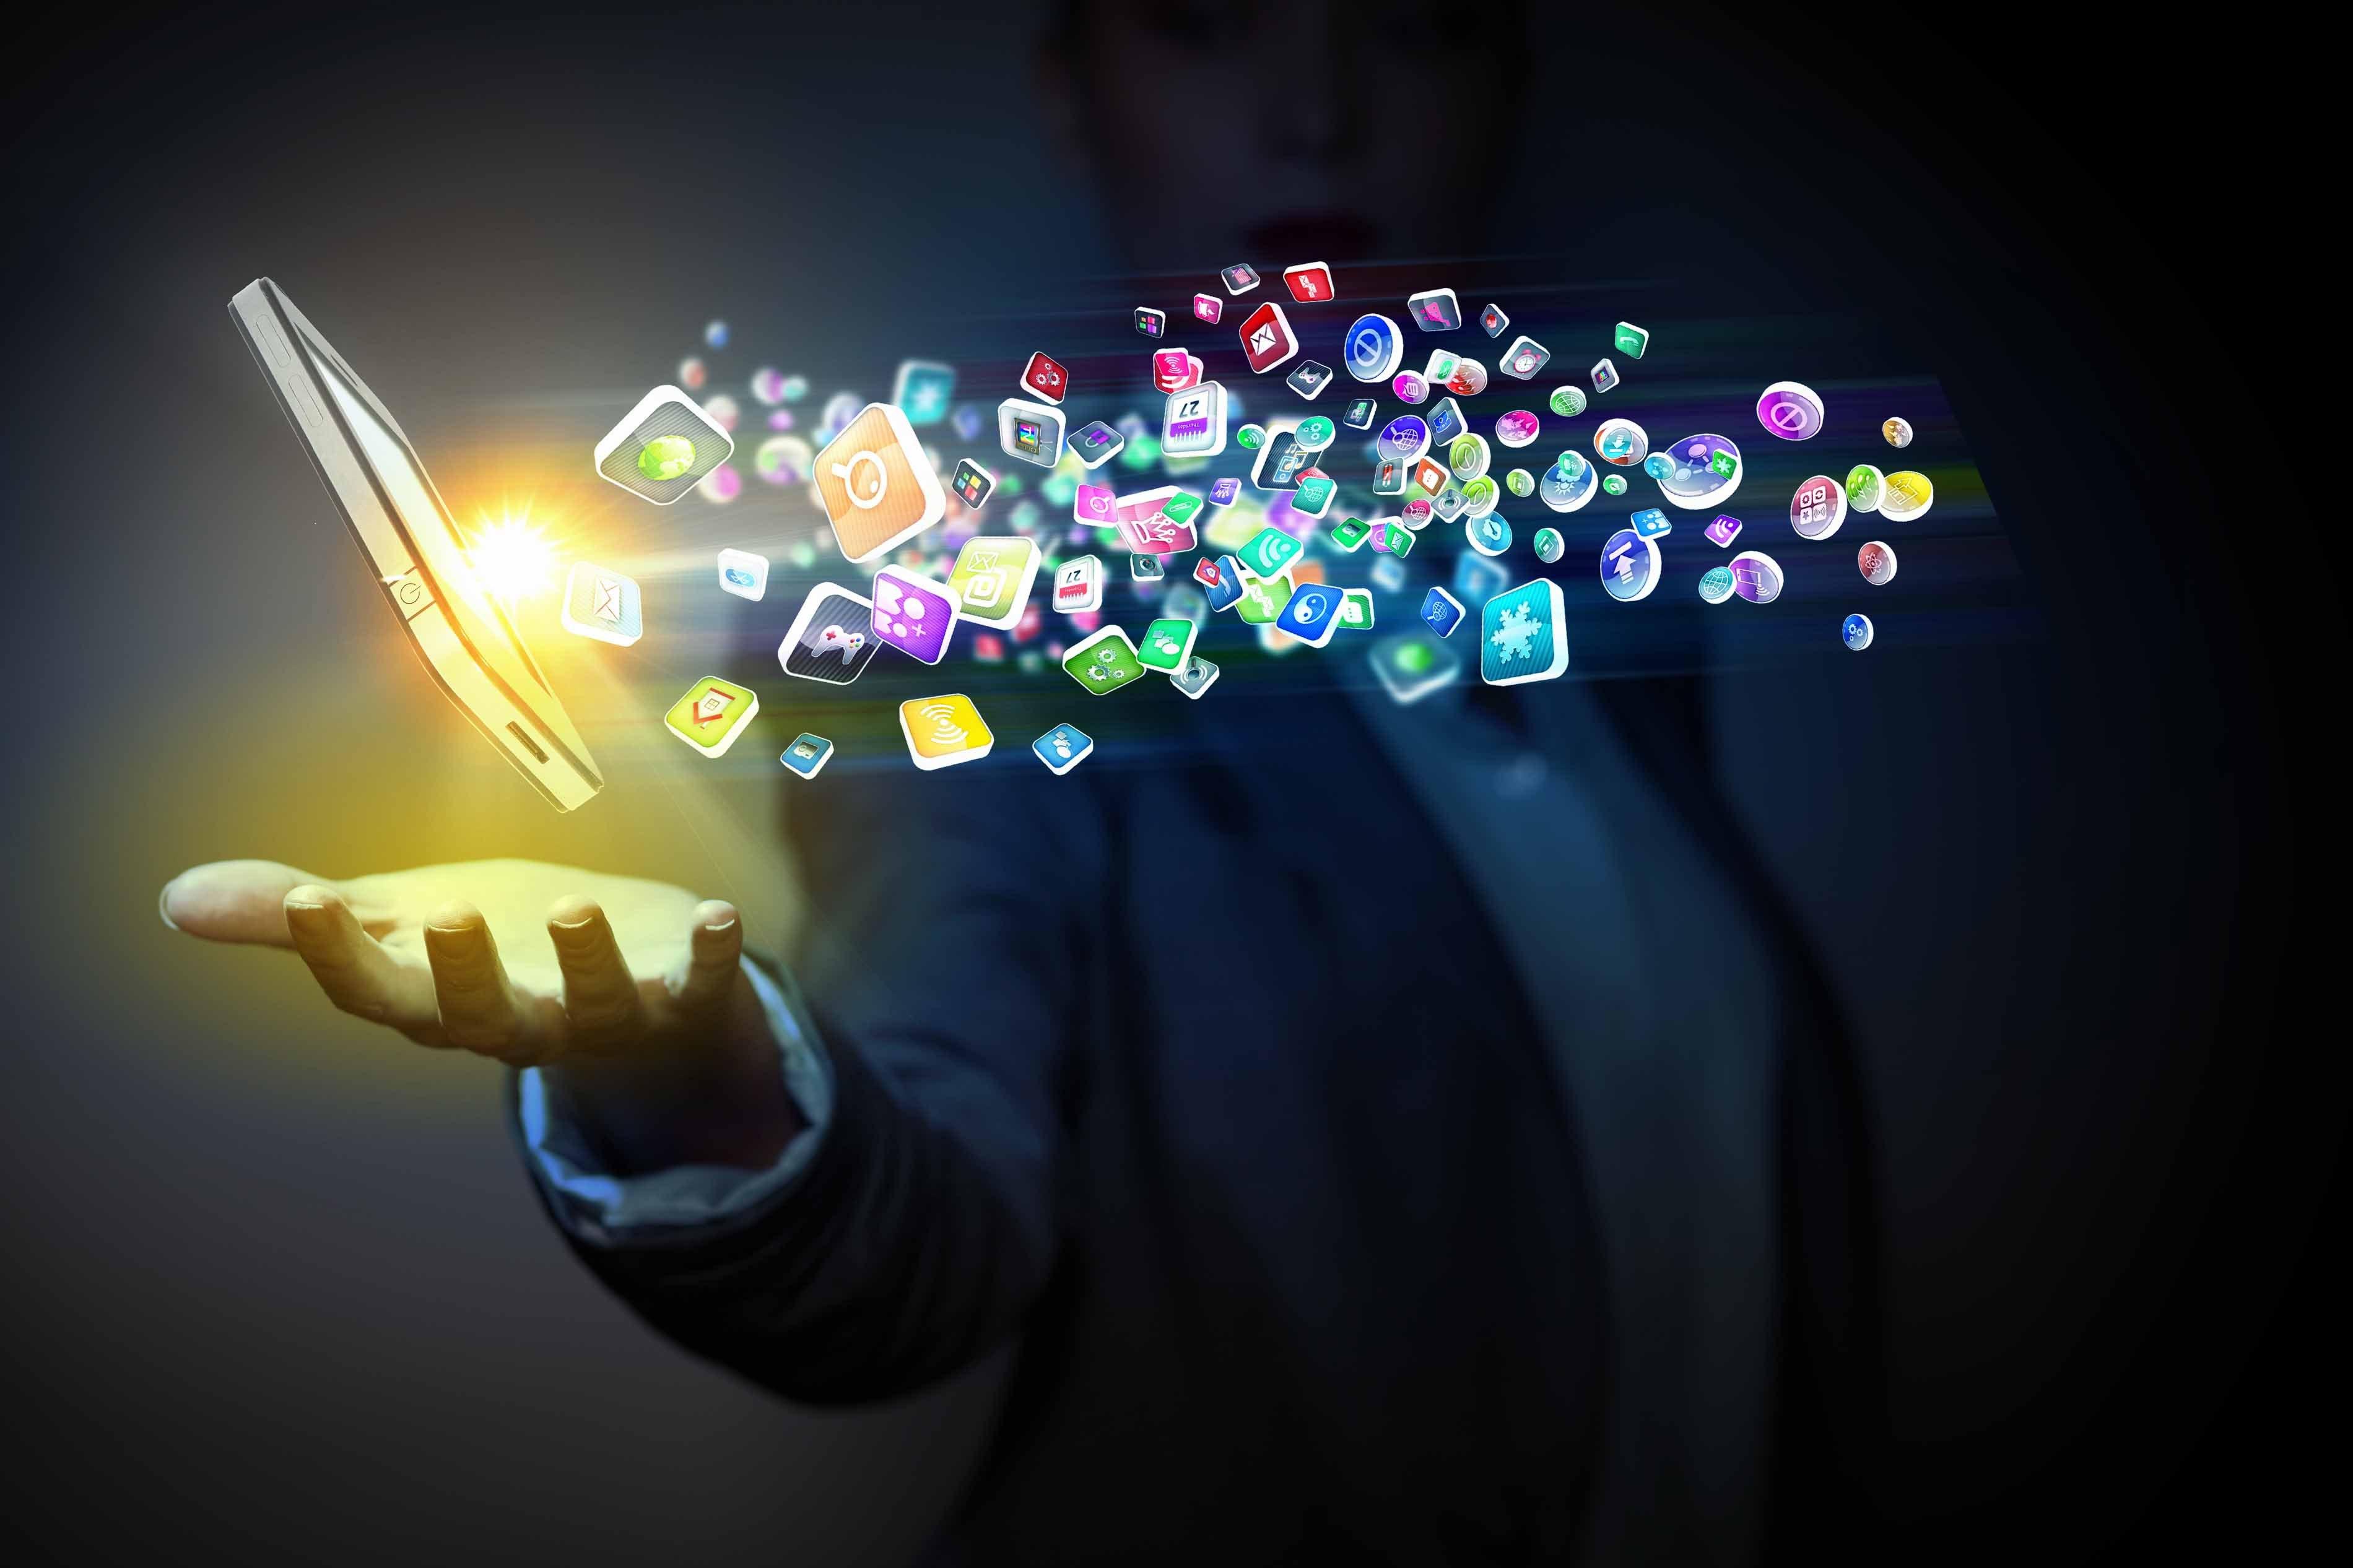 青蓝互动:自媒体平台该如何引流做品牌推广?